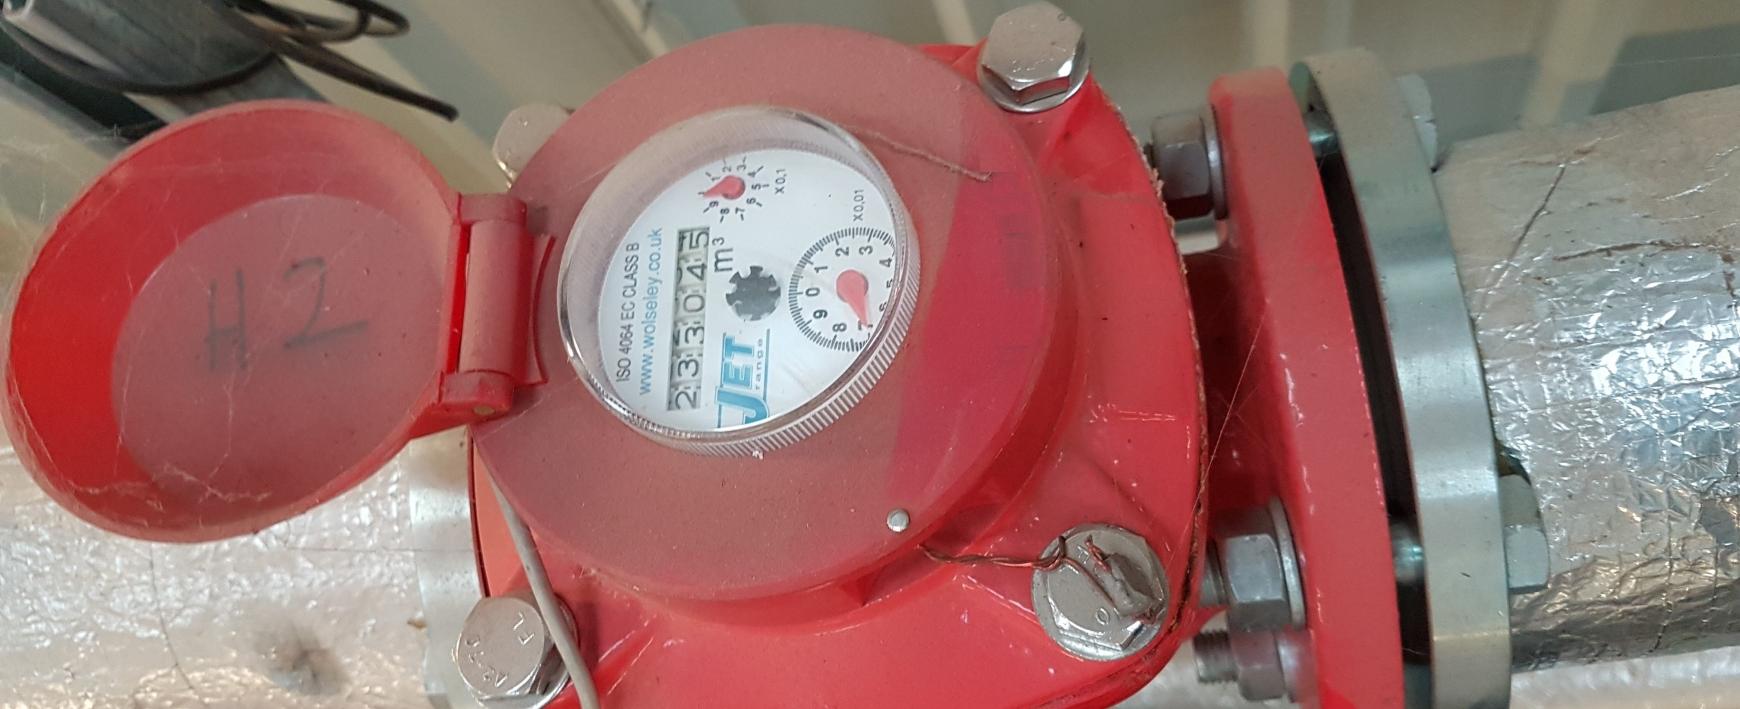 Red heat meter